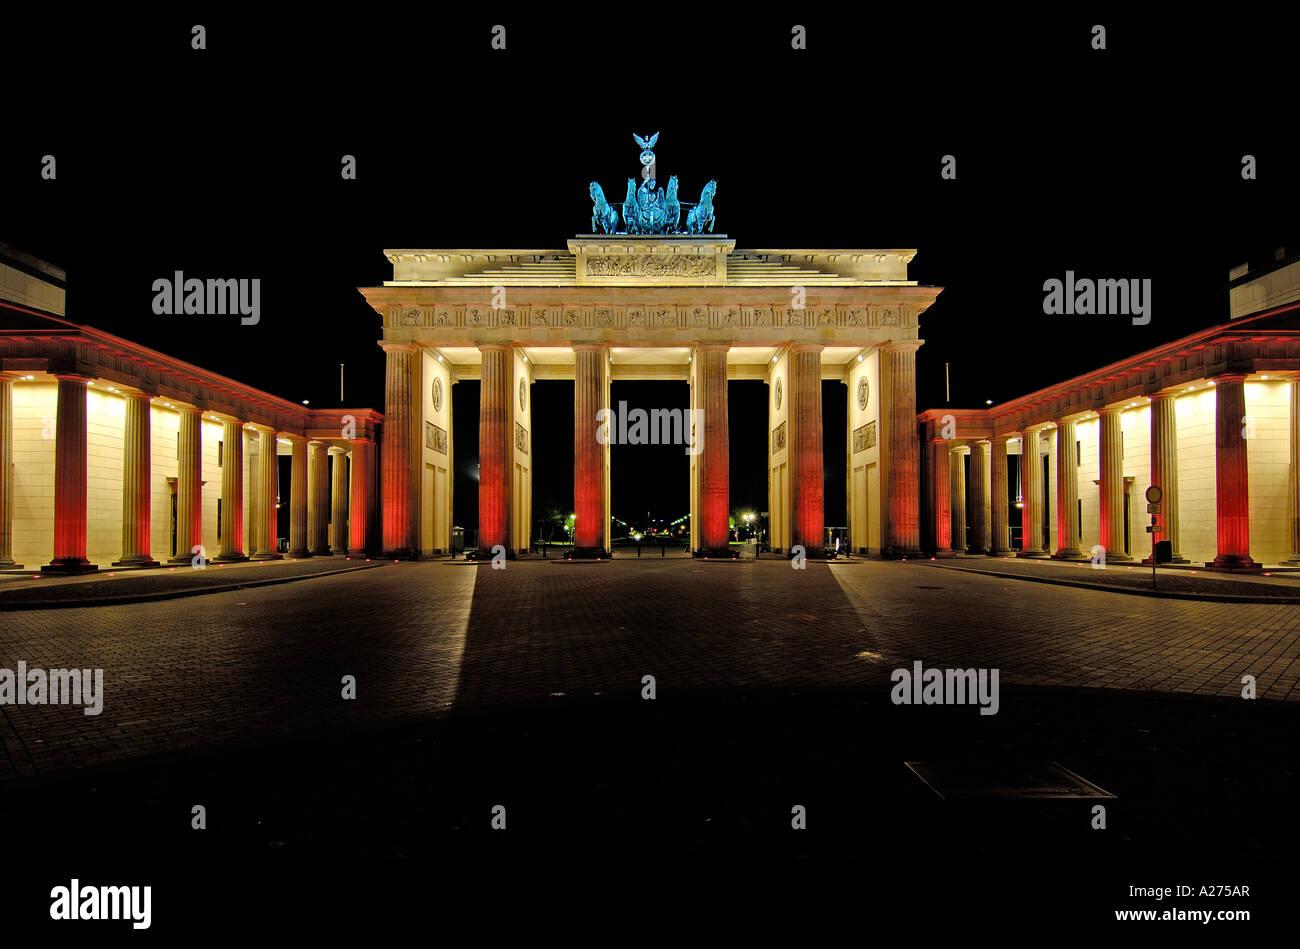 Porte de Brandebourg par nuit, Berlin, Allemagne Banque D'Images